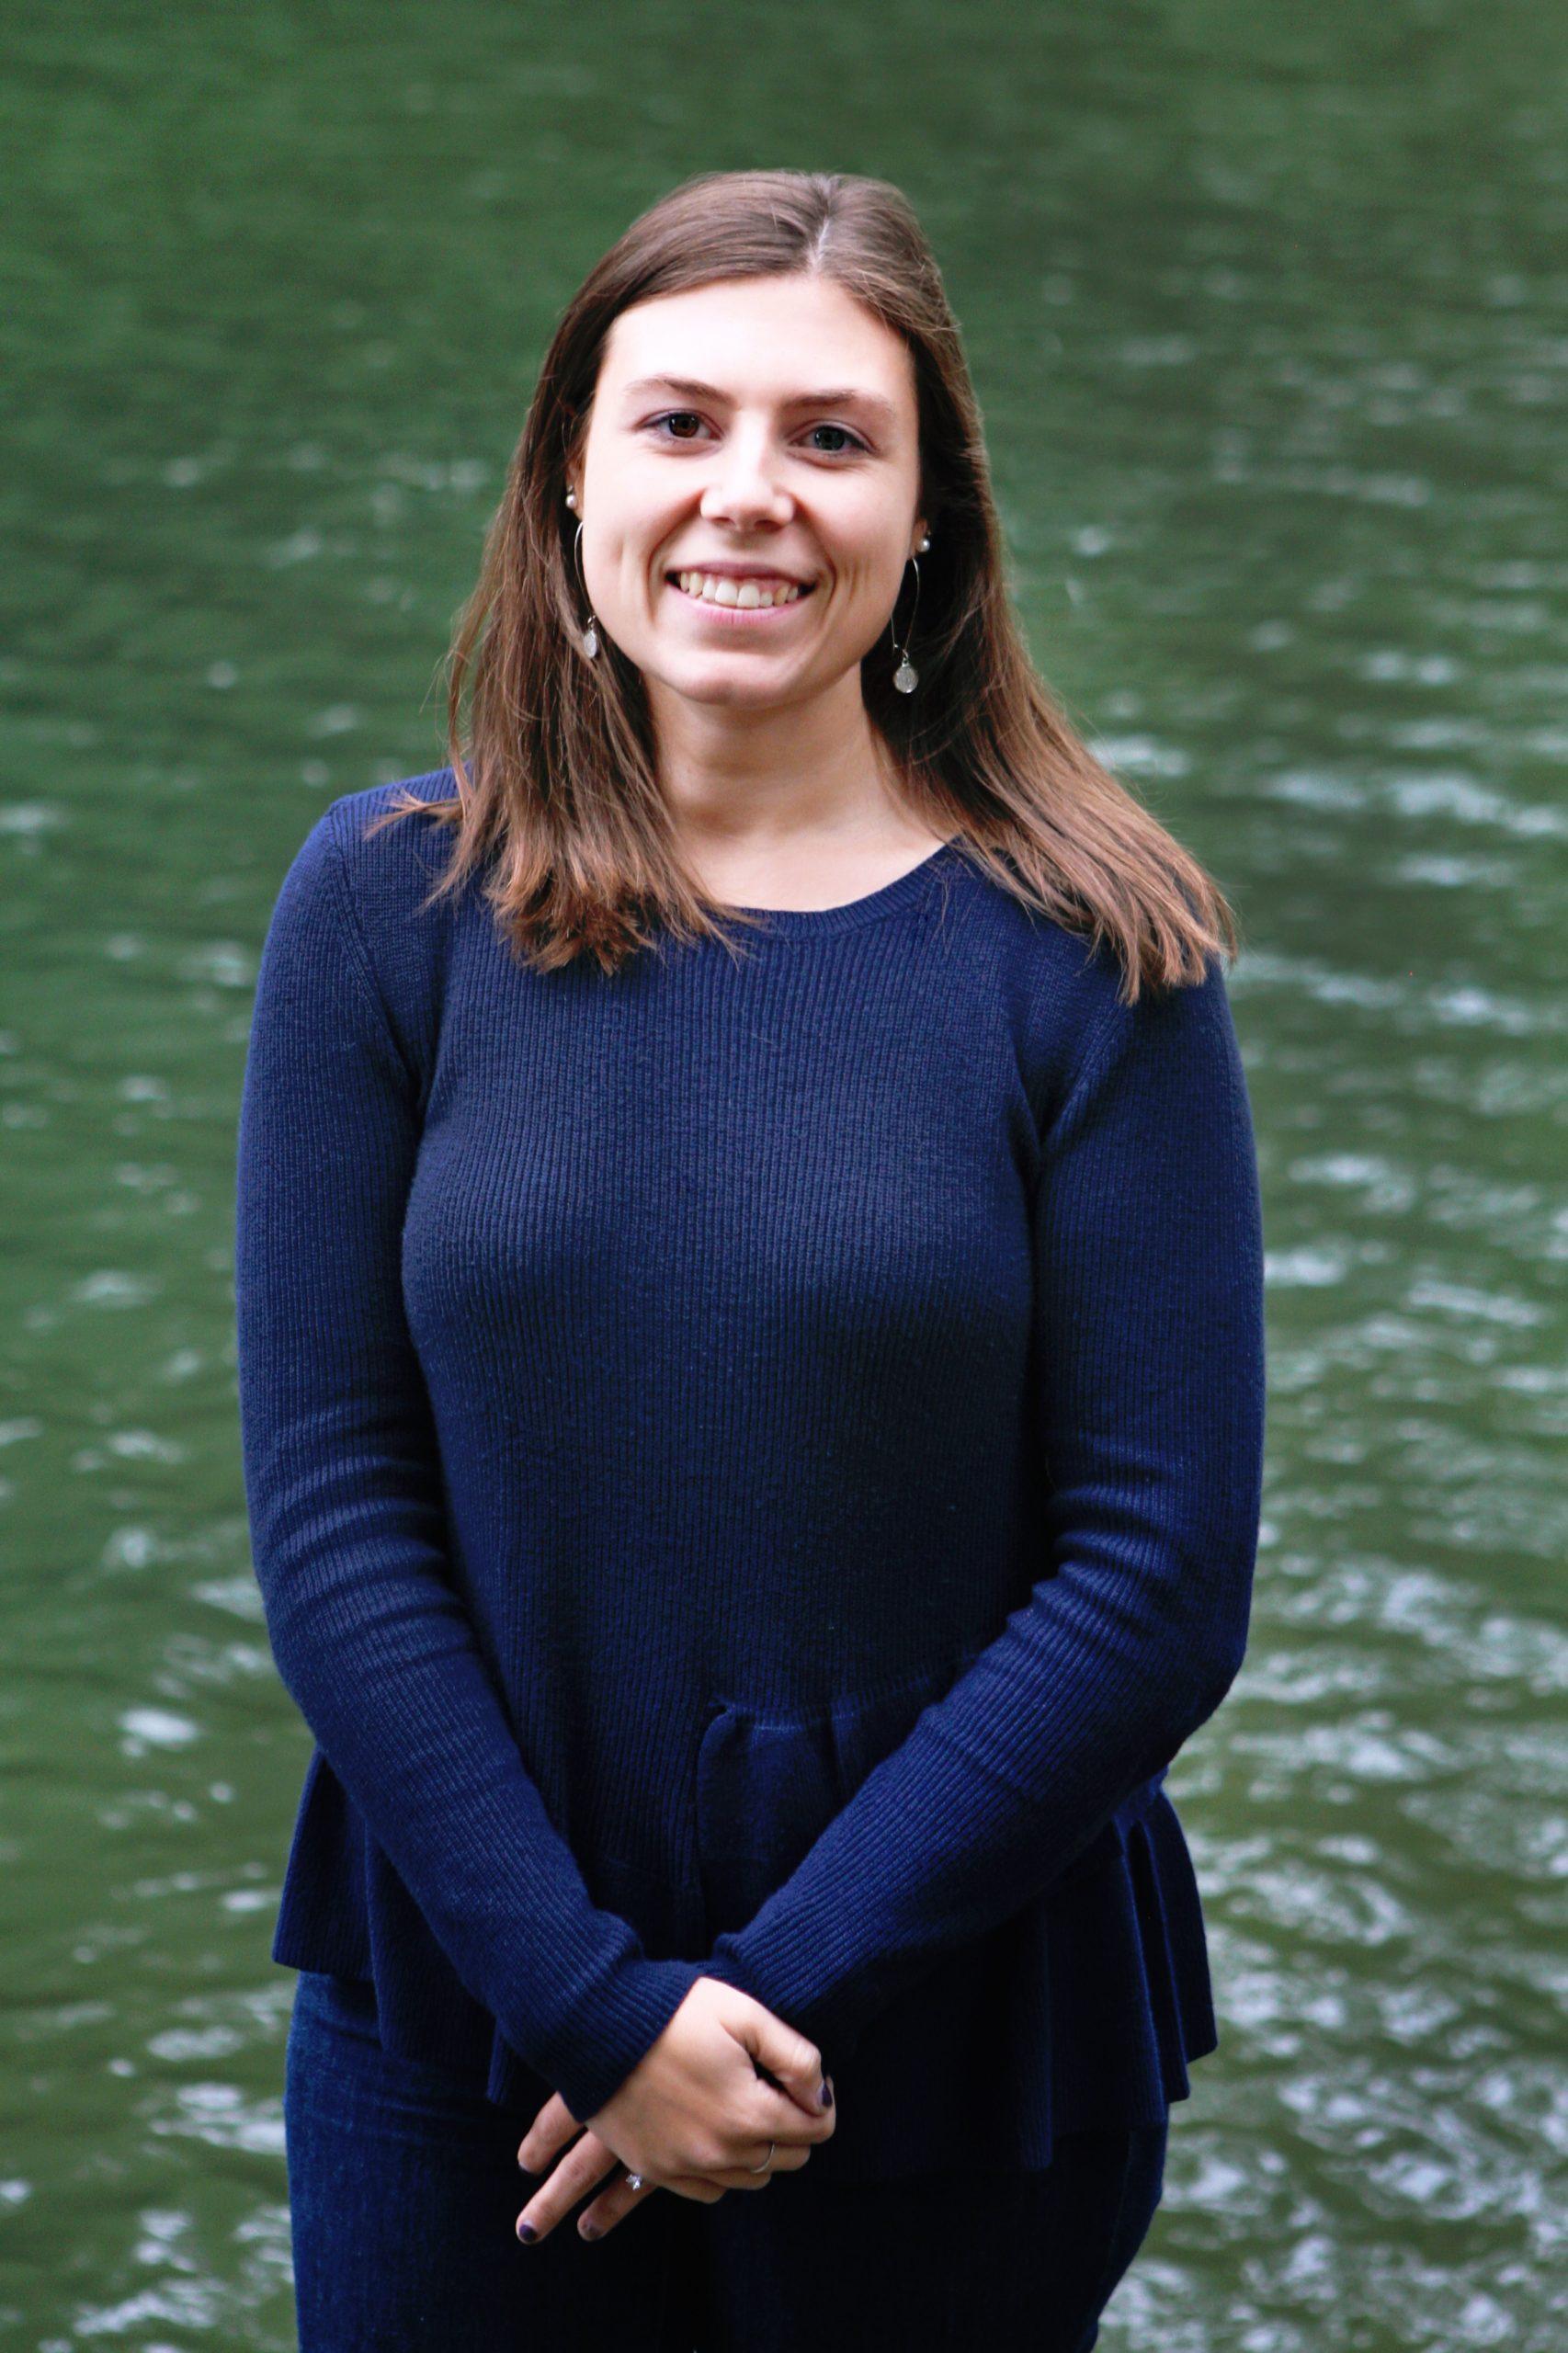 Kaitlyn Ayers